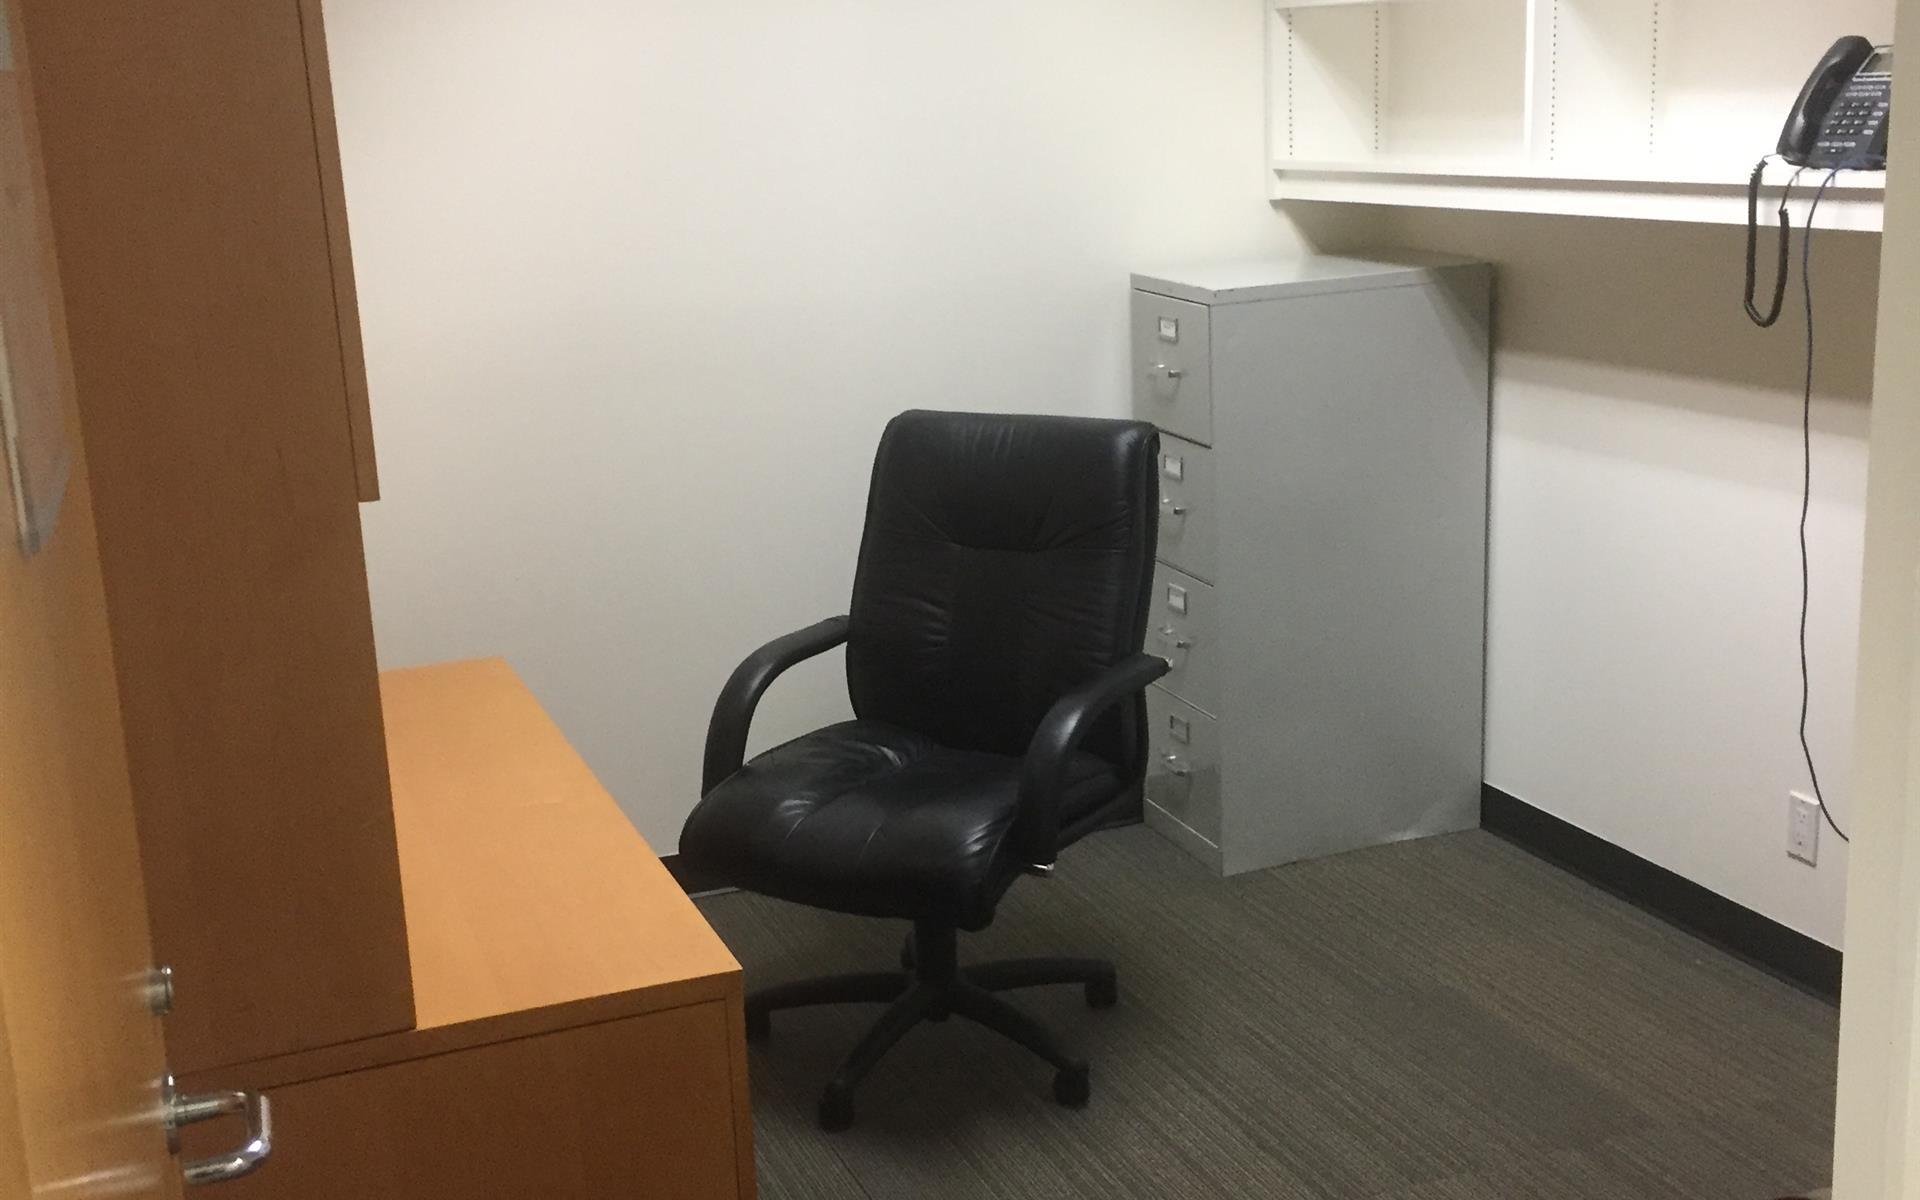 Renaissance Entrepreneurship Center - Office #412